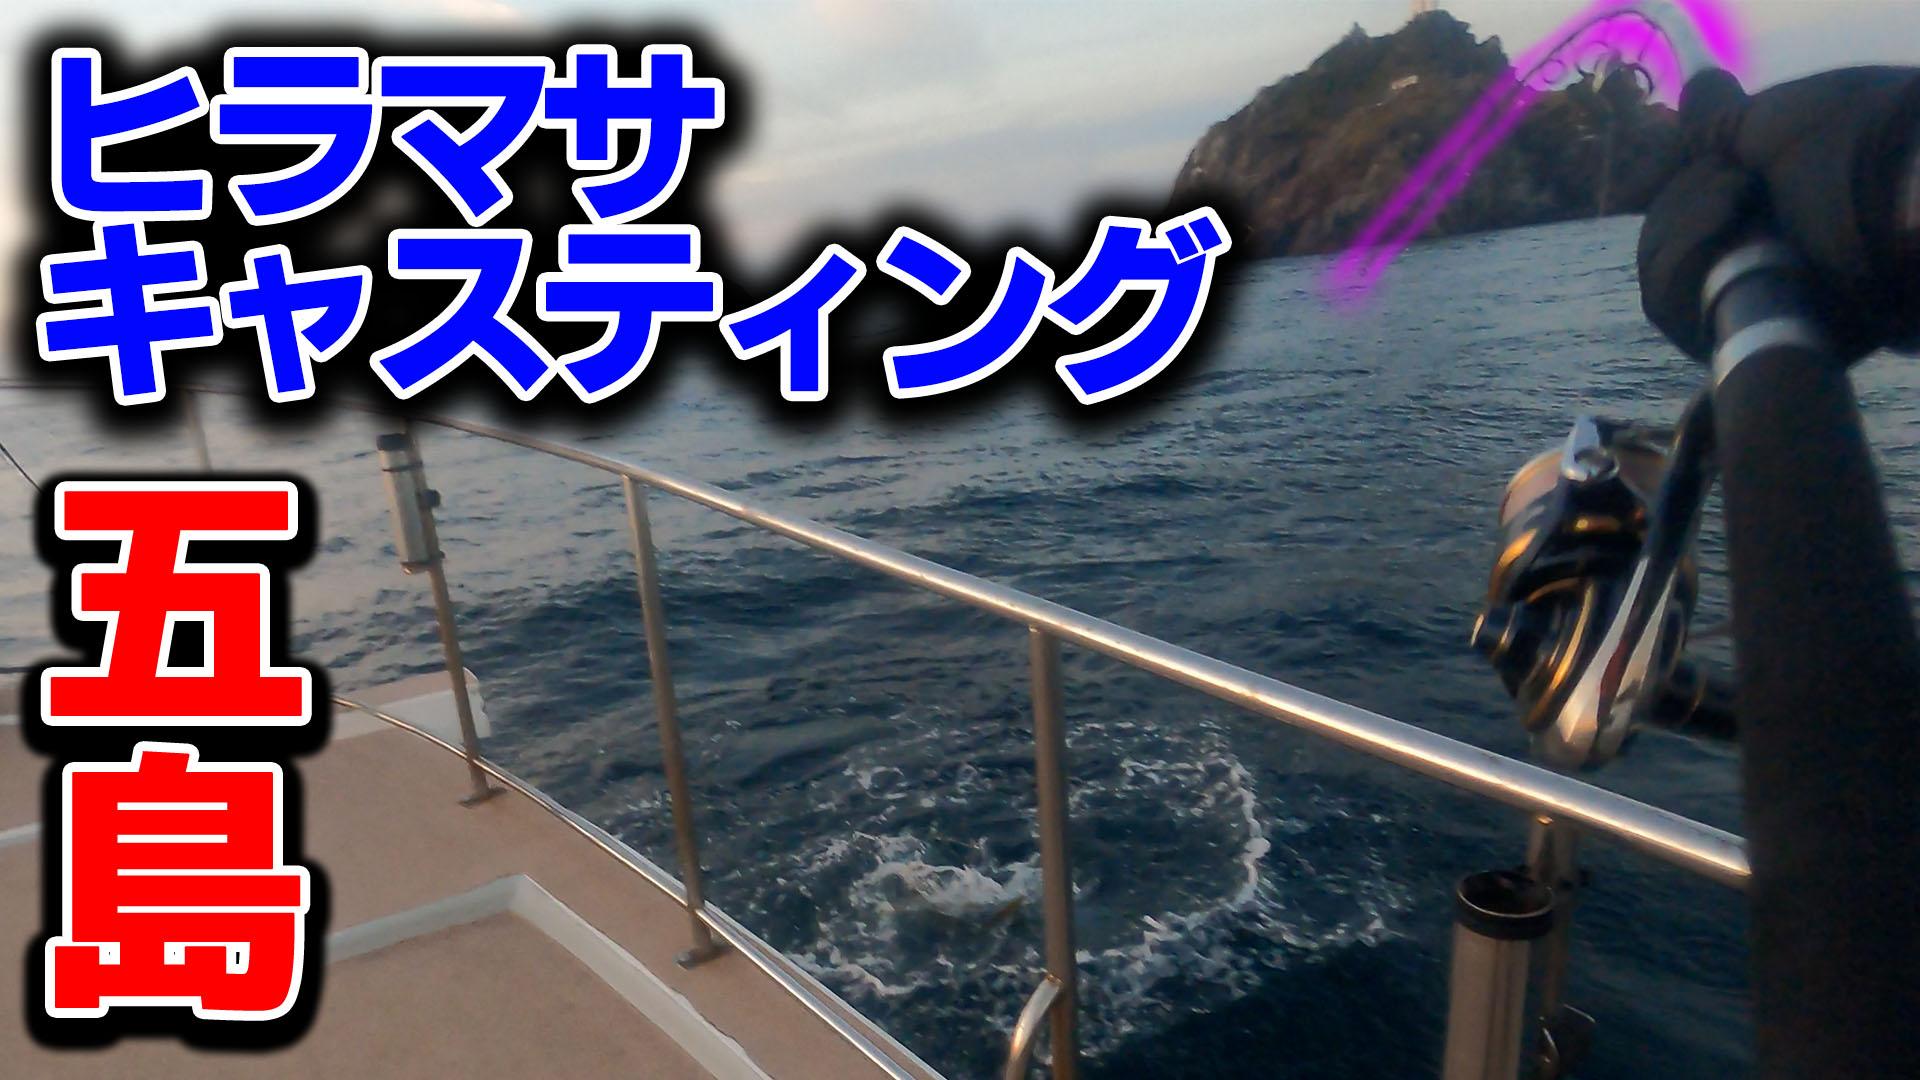 狙うは20Kg越え!!ヒラマサキャスティング【五島列島】part1のサムネイル